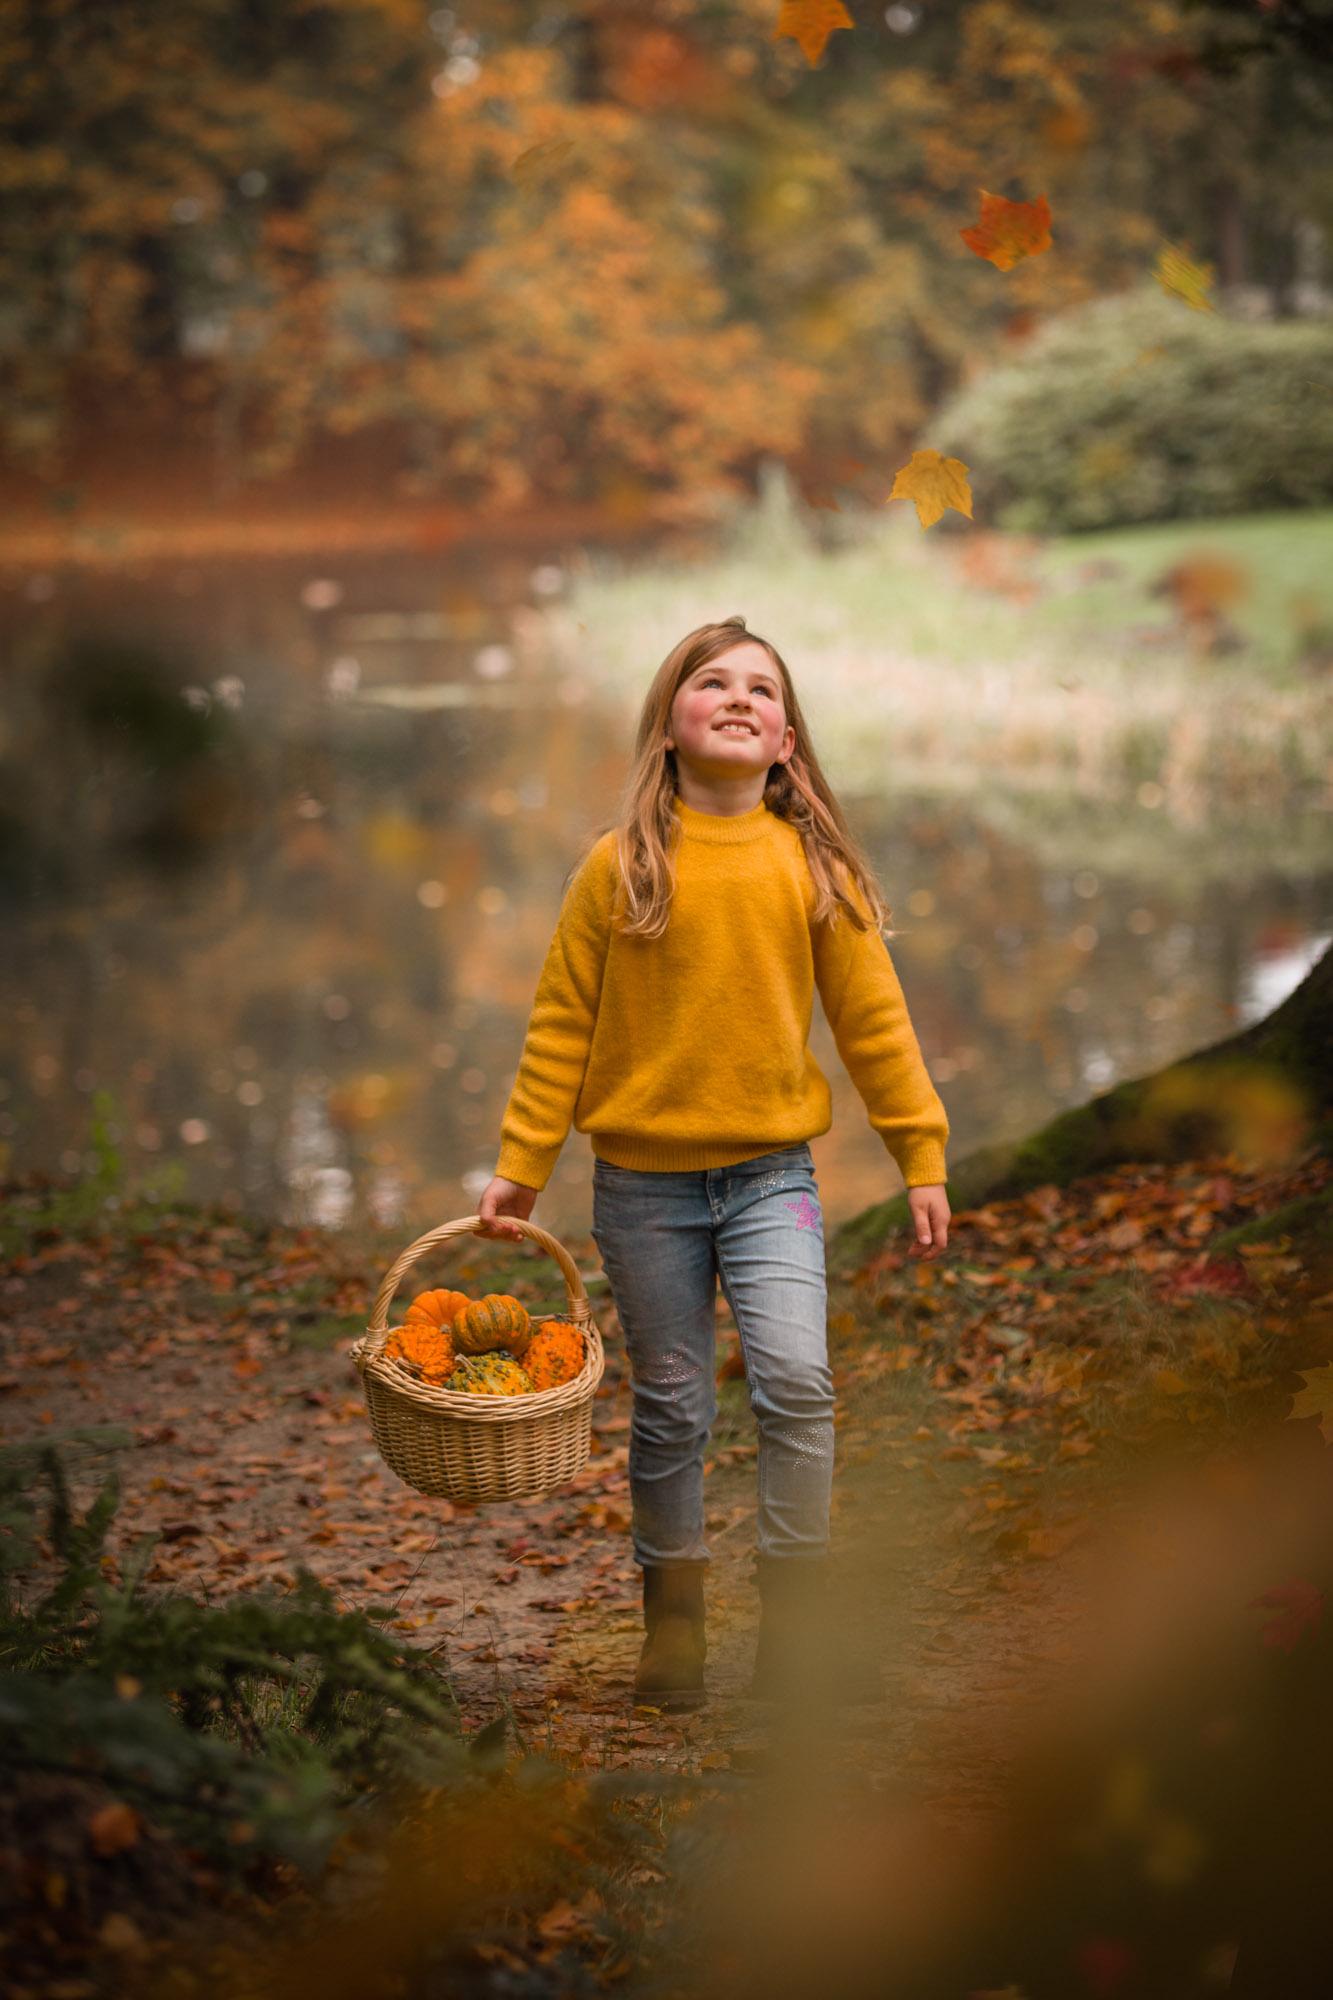 Meisje met mandje pompoenen in herfst bos